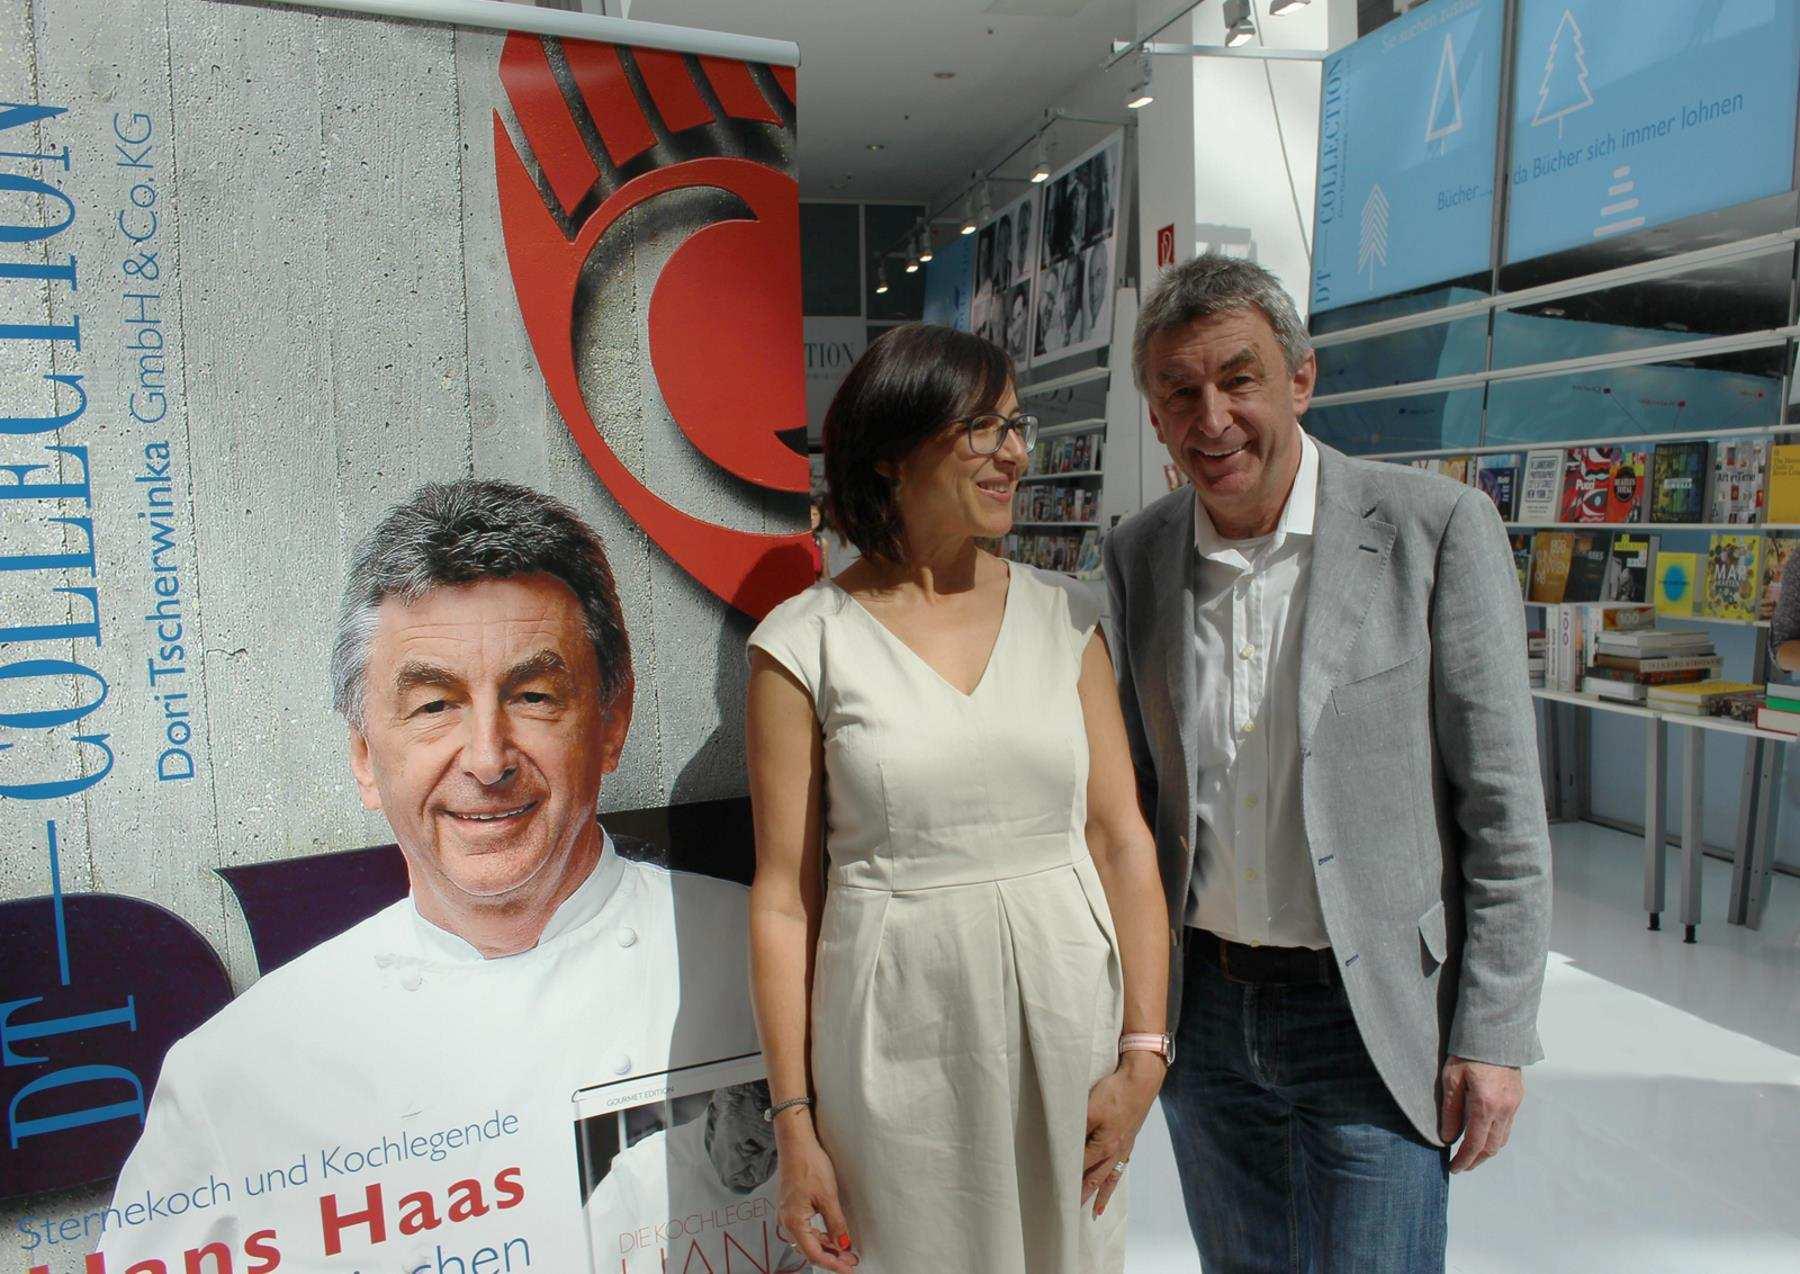 Hans Haas, Kochlegende vom Restaurant Tantris in München